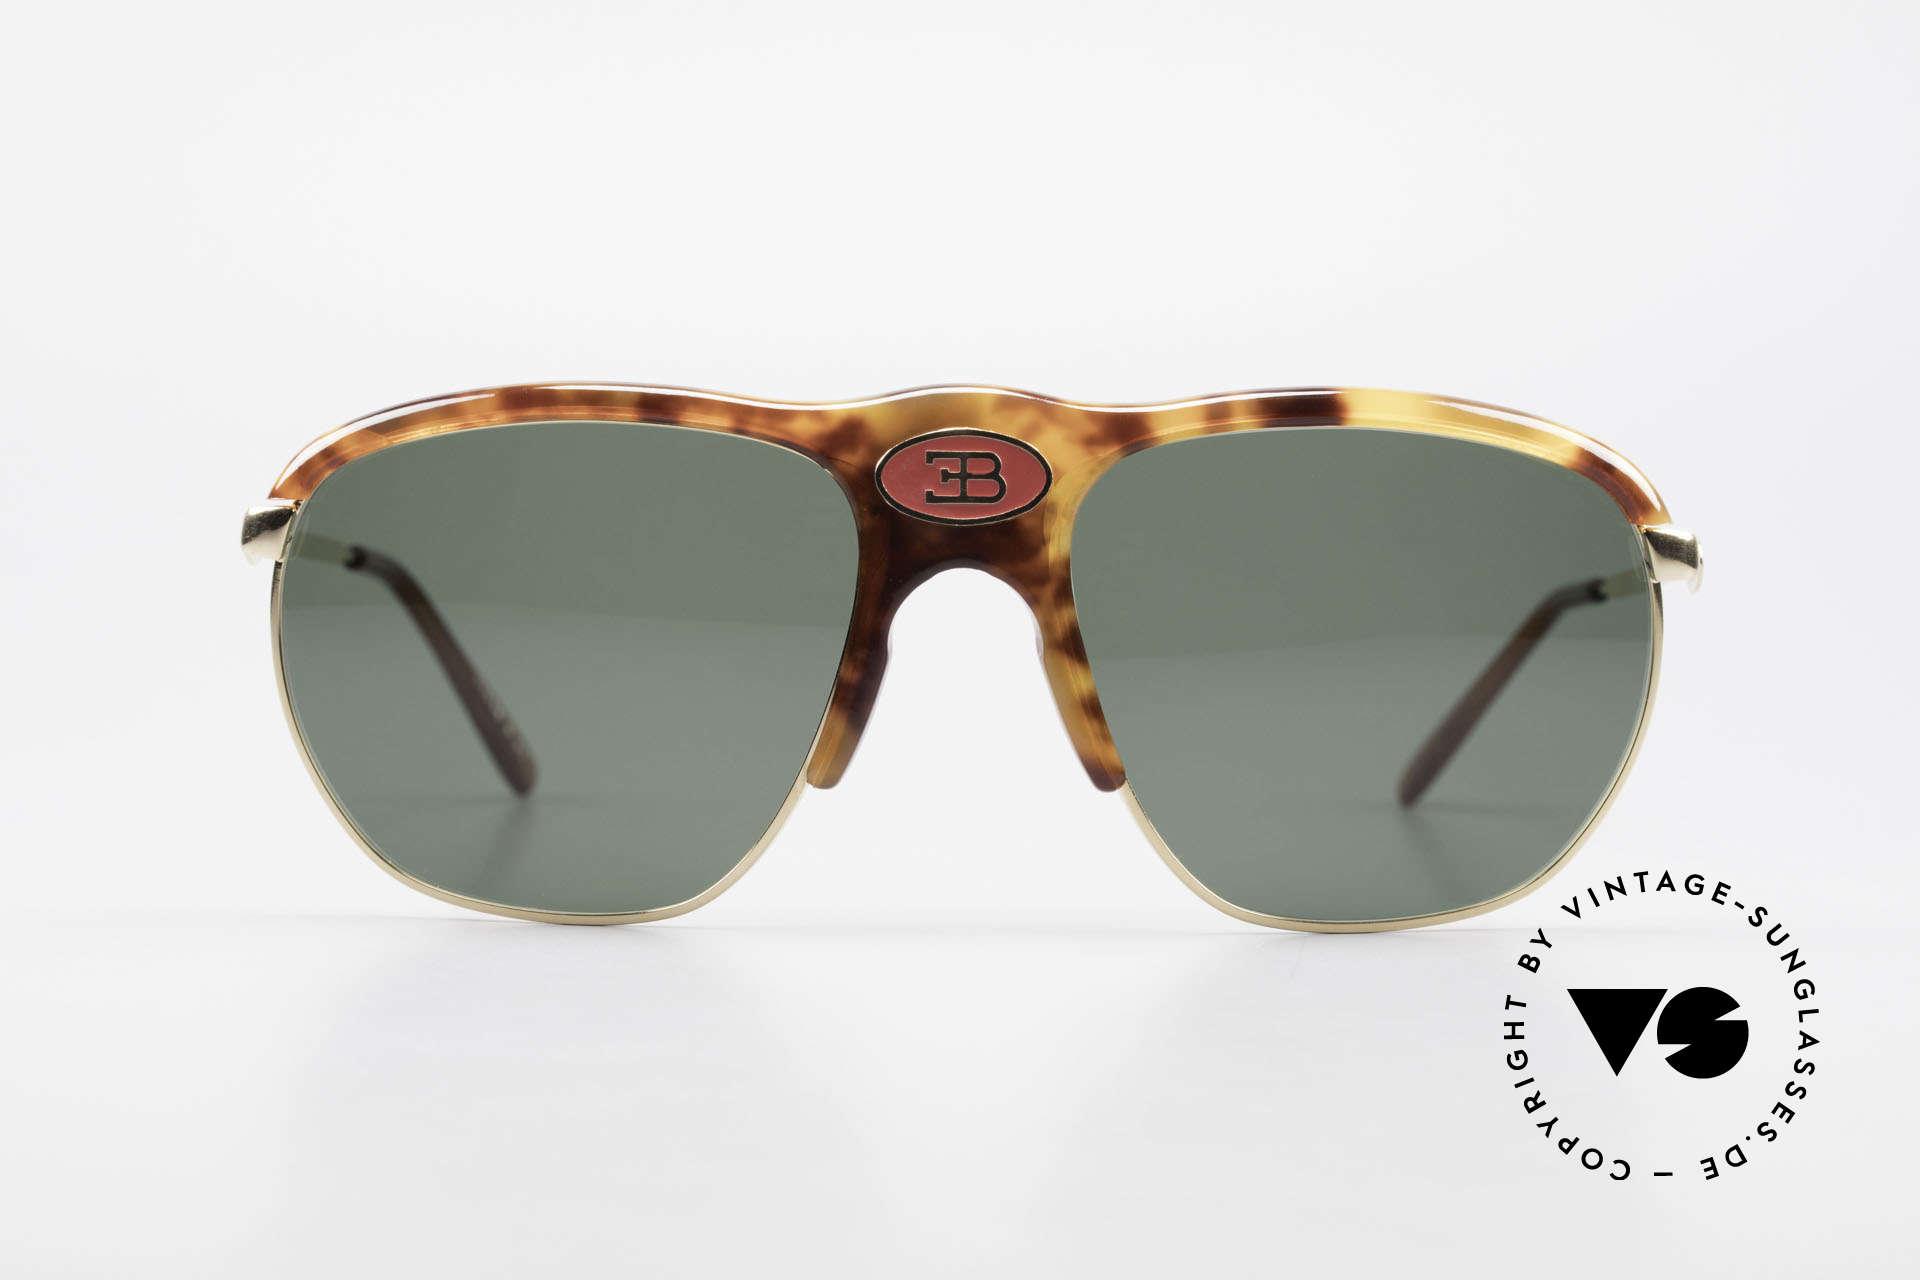 Bugatti 65218 Seltene Alte 70er Bugatti Brille, elegante Schildpatt-Optik (Original aus den 70ern), Passend für Herren